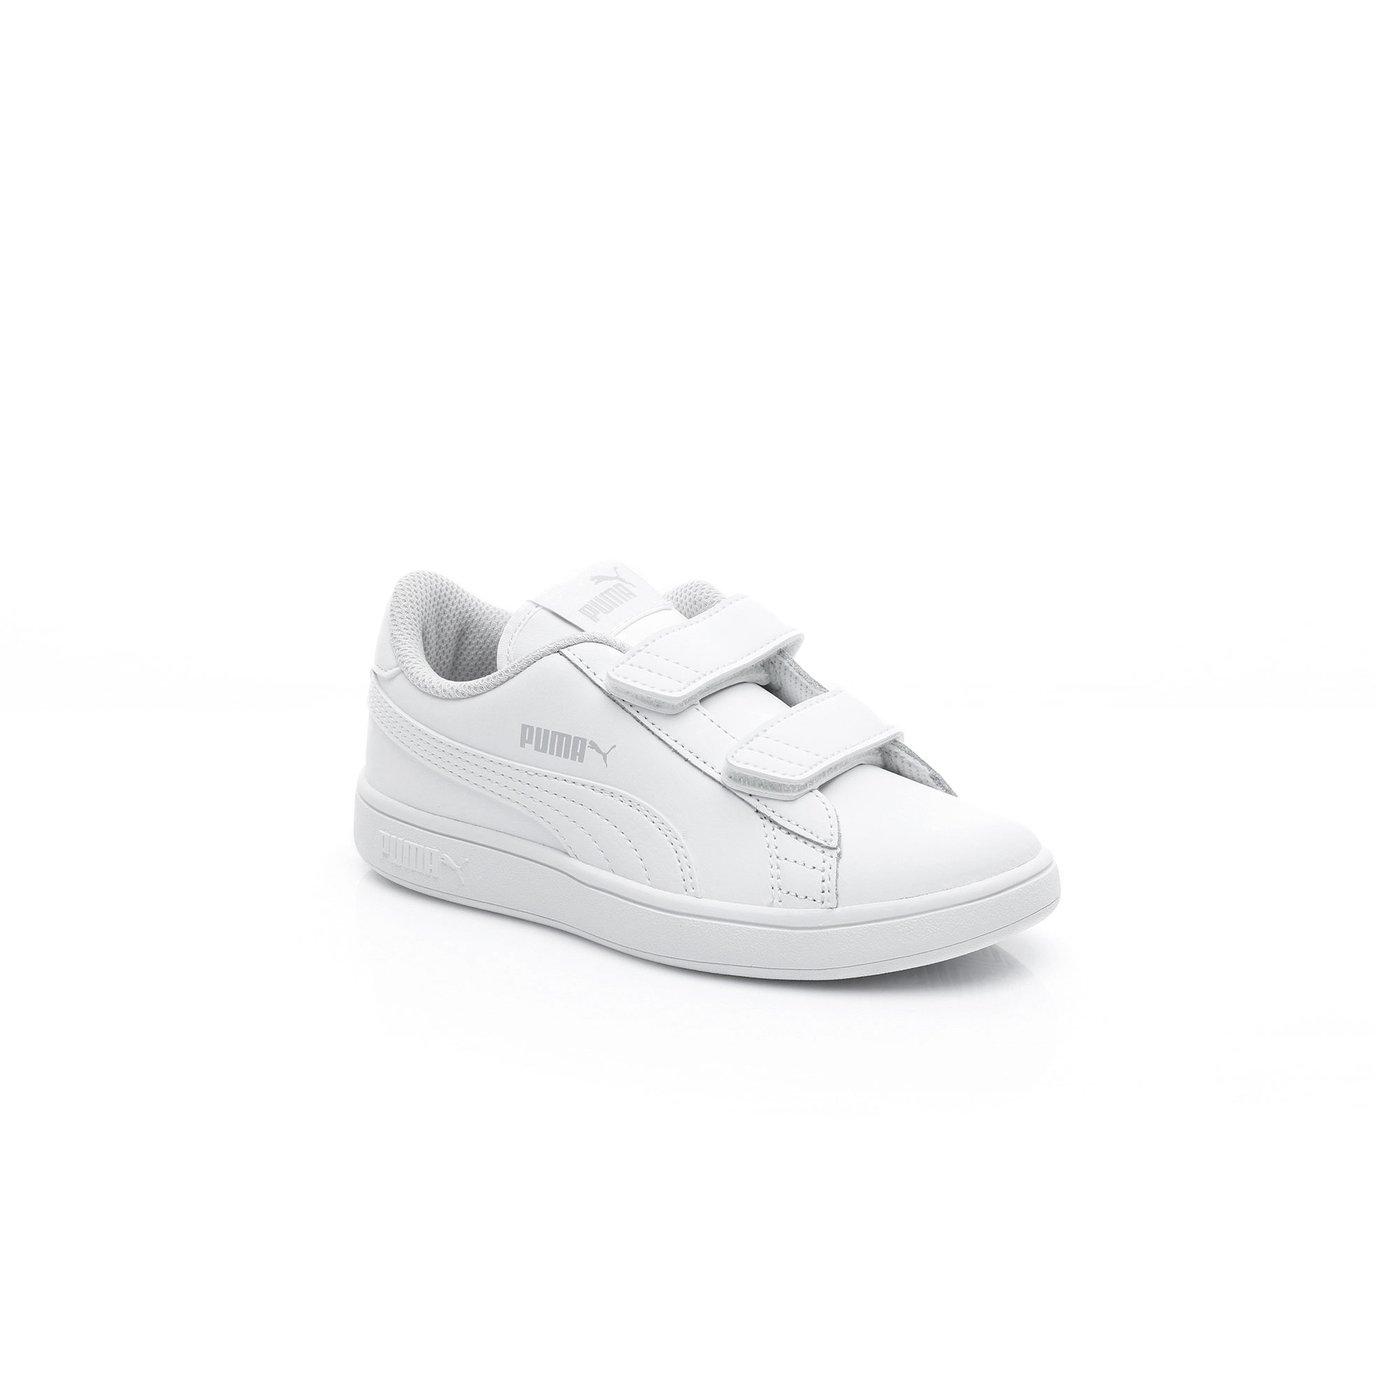 Puma Smash Çocuk Beyaz Spor Ayakkabı